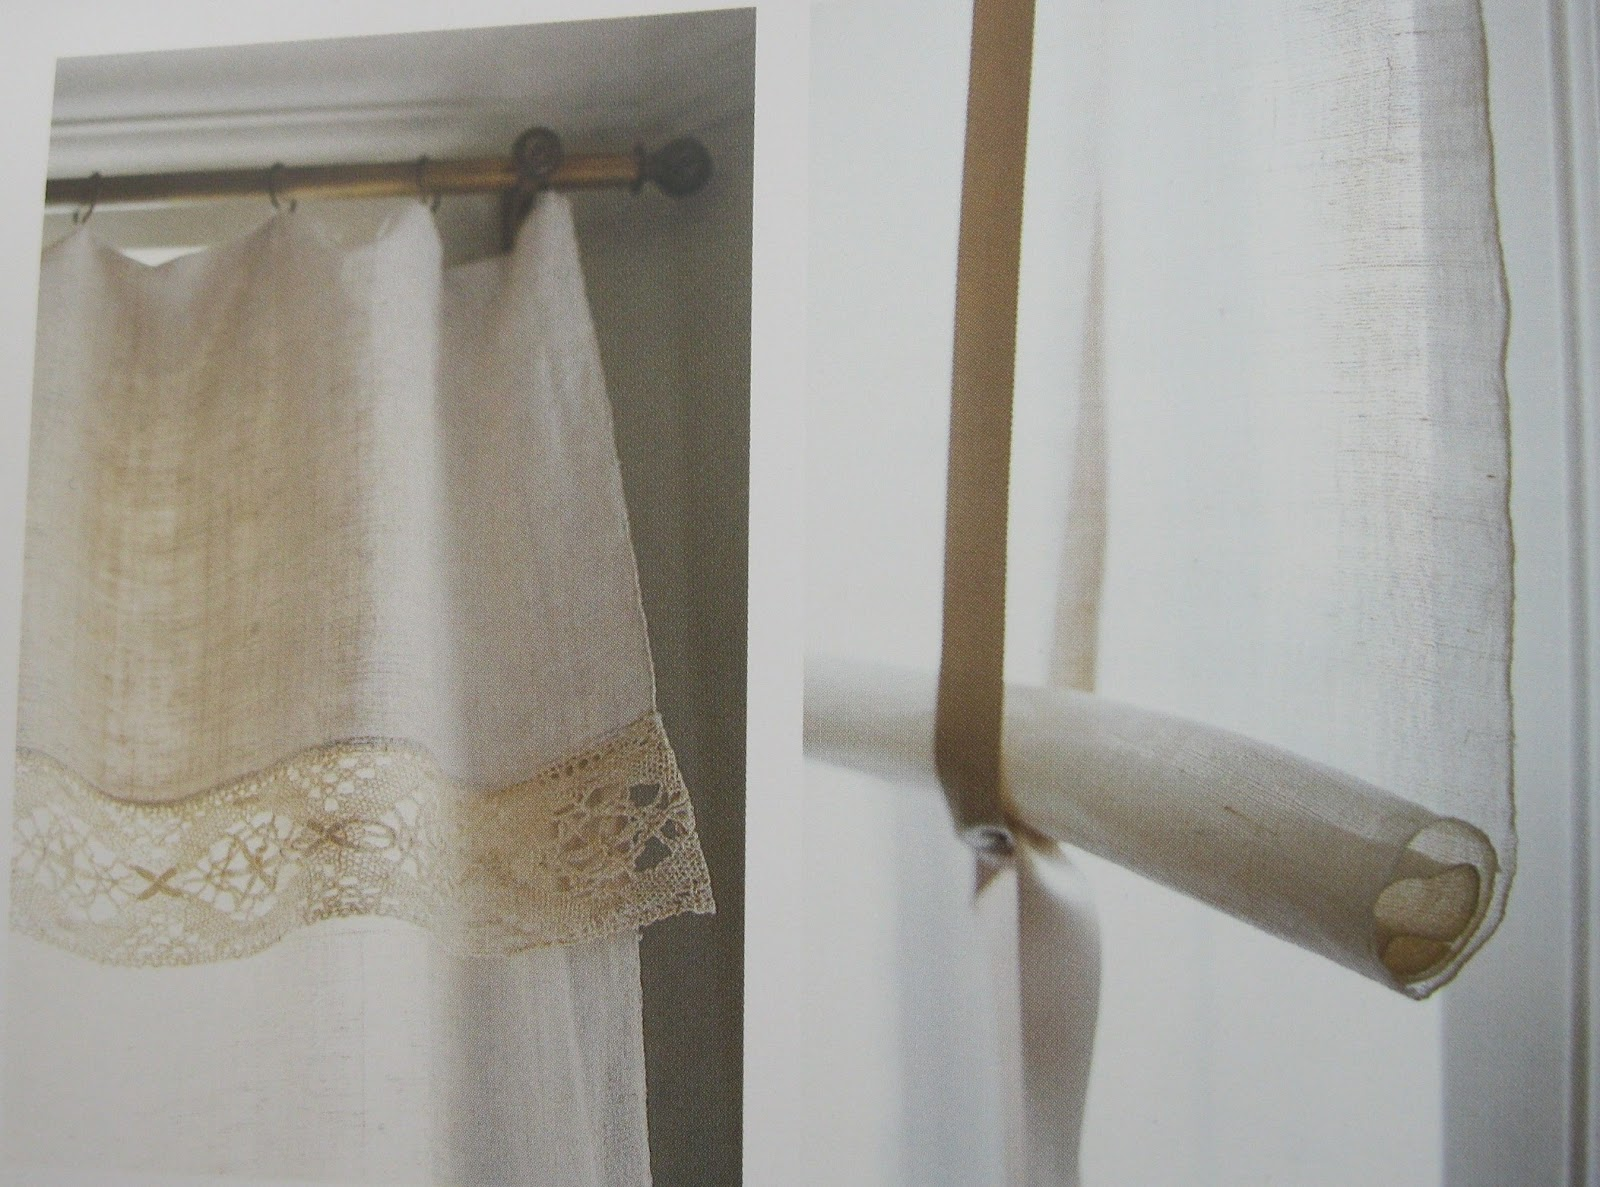 Linge ancien estores y cortinas visten y resaltan - Cortinas con estores fotos ...